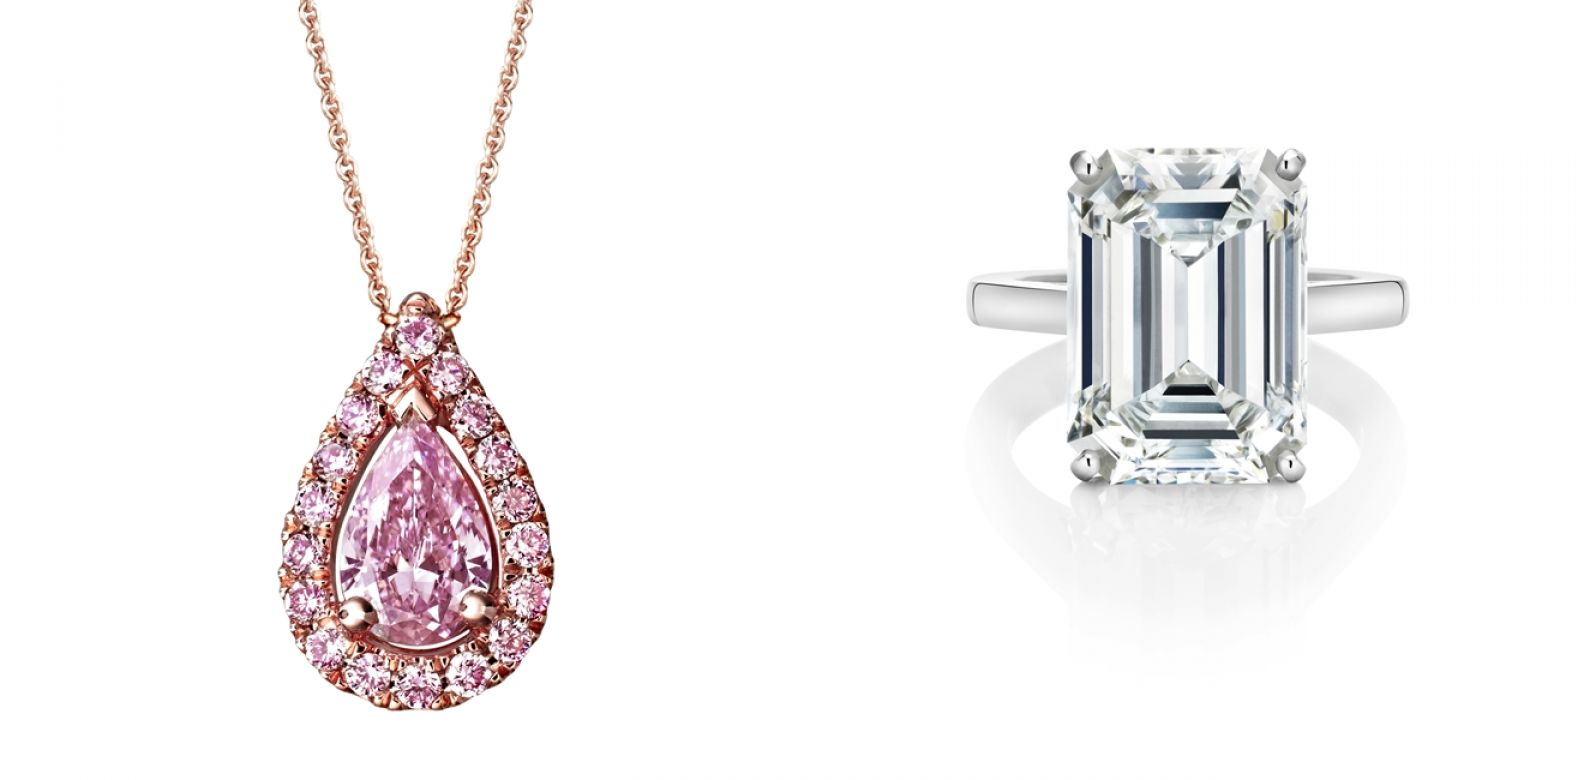 (左)Aura高級珠寶系列梨形車工粉紅鑽鍊墜,總重0.63克拉;(右)DB Classic Simple Shank 祖母綠形車工單鑽戒指 All by De Beers。